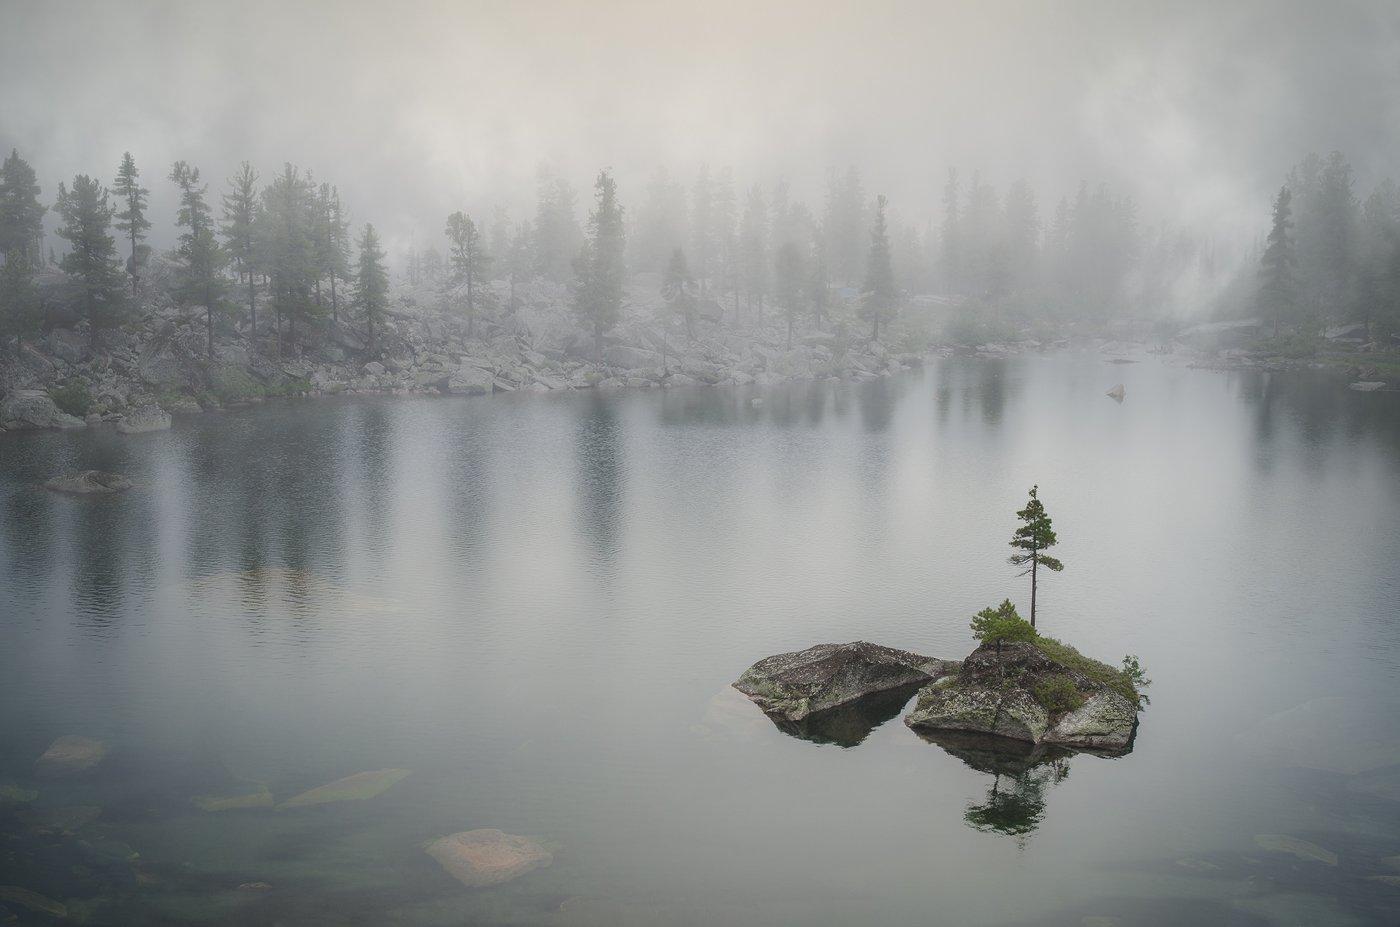 пейзаж, природа, озеро, остров, холодное, туман, непогода, красивый, большой, высокий, горы, тайга, отражения, Ергаки, Красноярский край, Саяны, Сибирь, художников, национальный парк, хребет, хмурый, дождь, Дмитрий Антипов